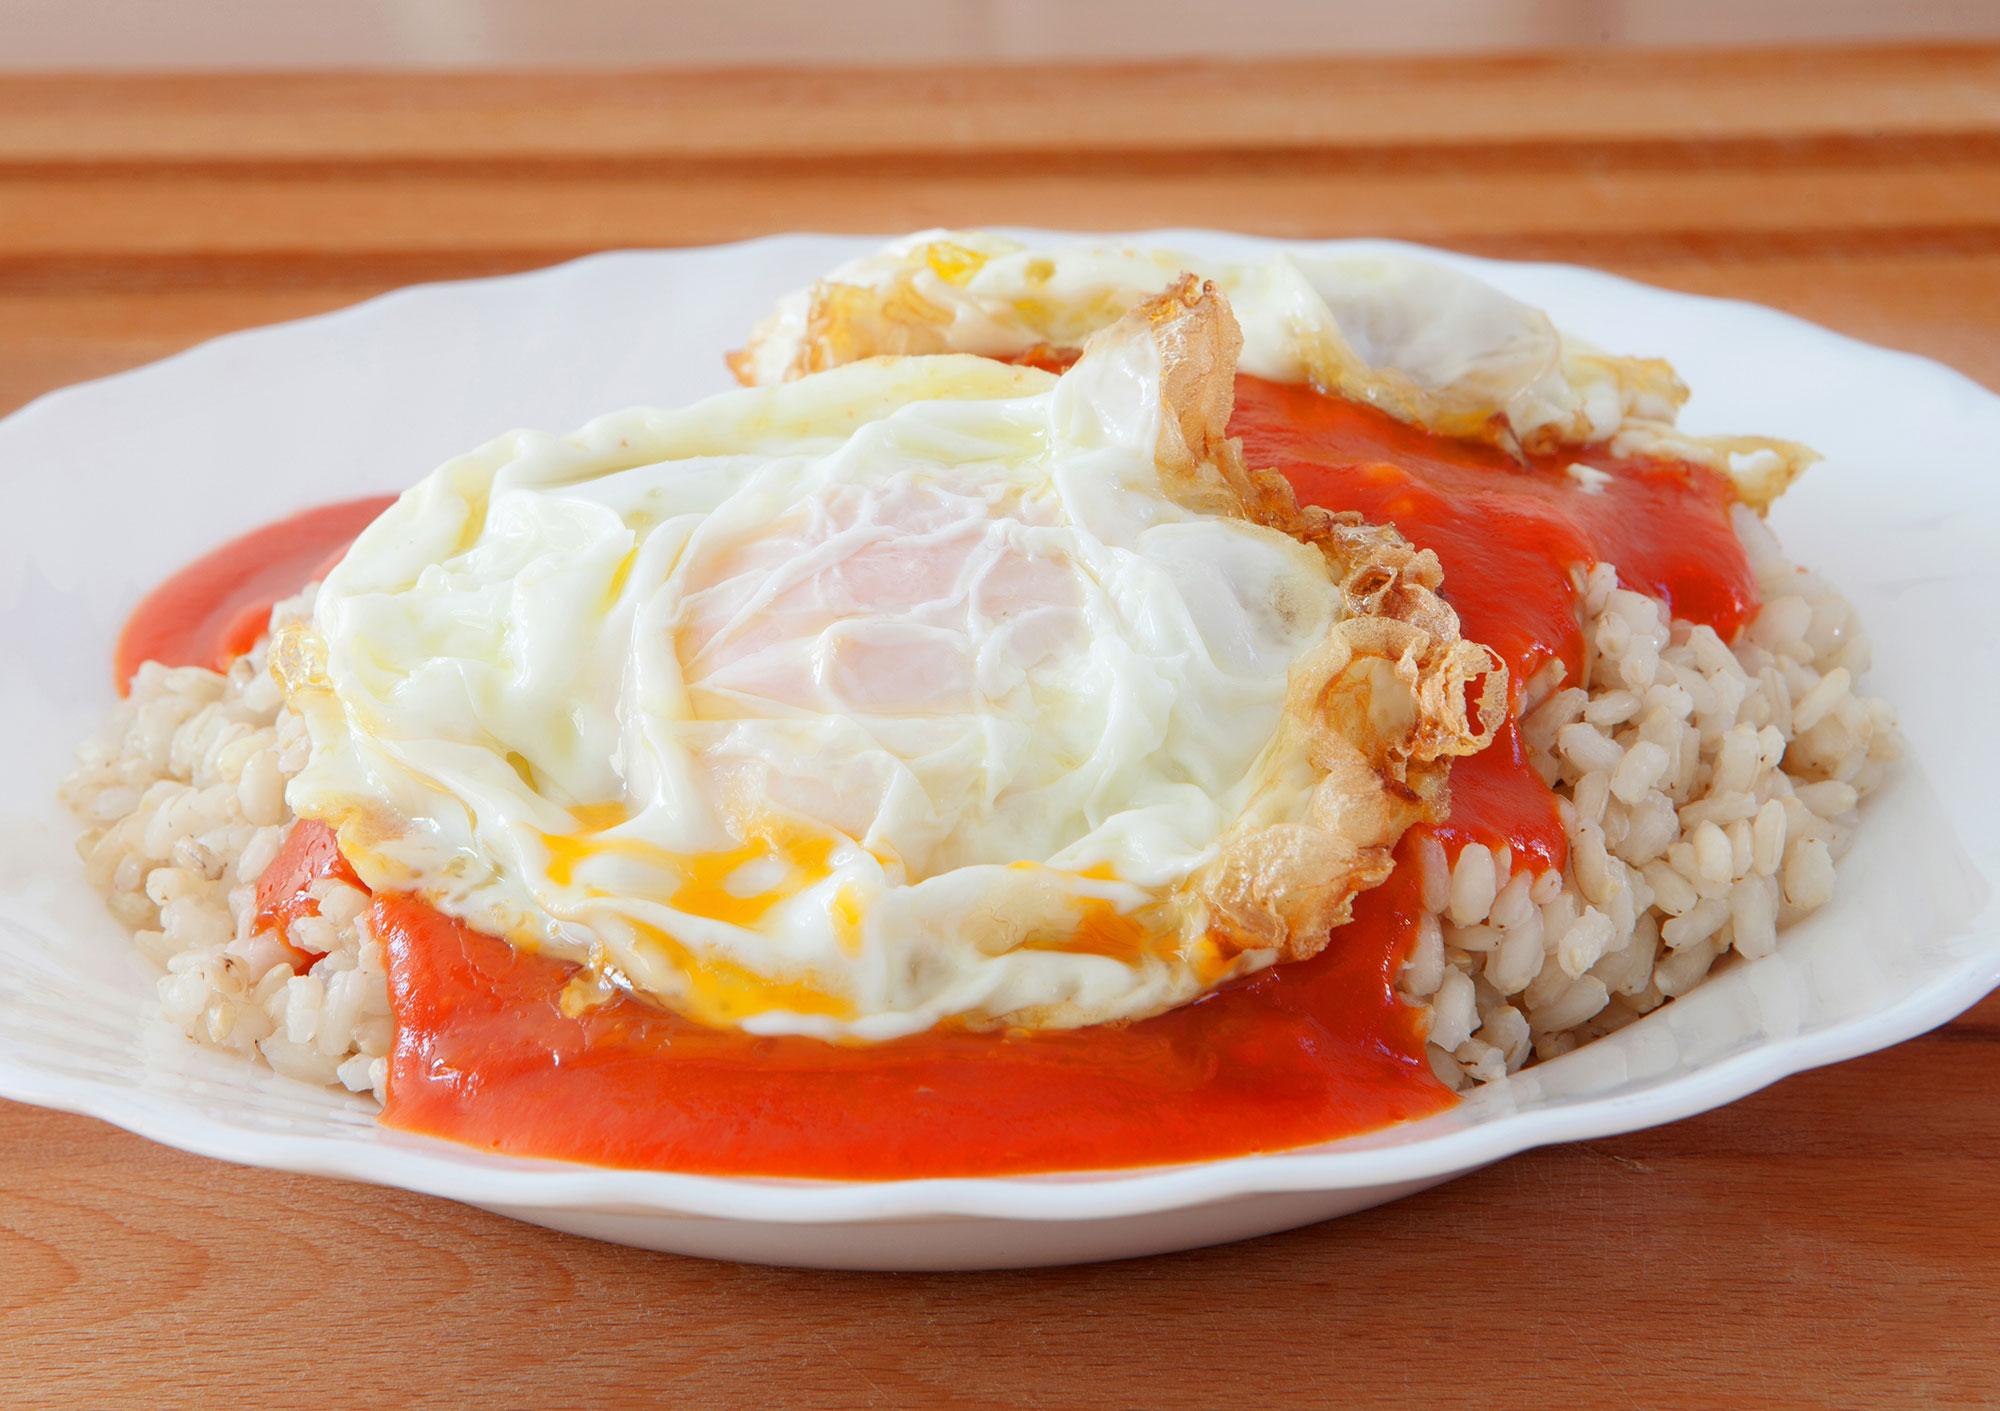 Una receta rica y rápida para un día de resaca. Foto: Shutterstock.